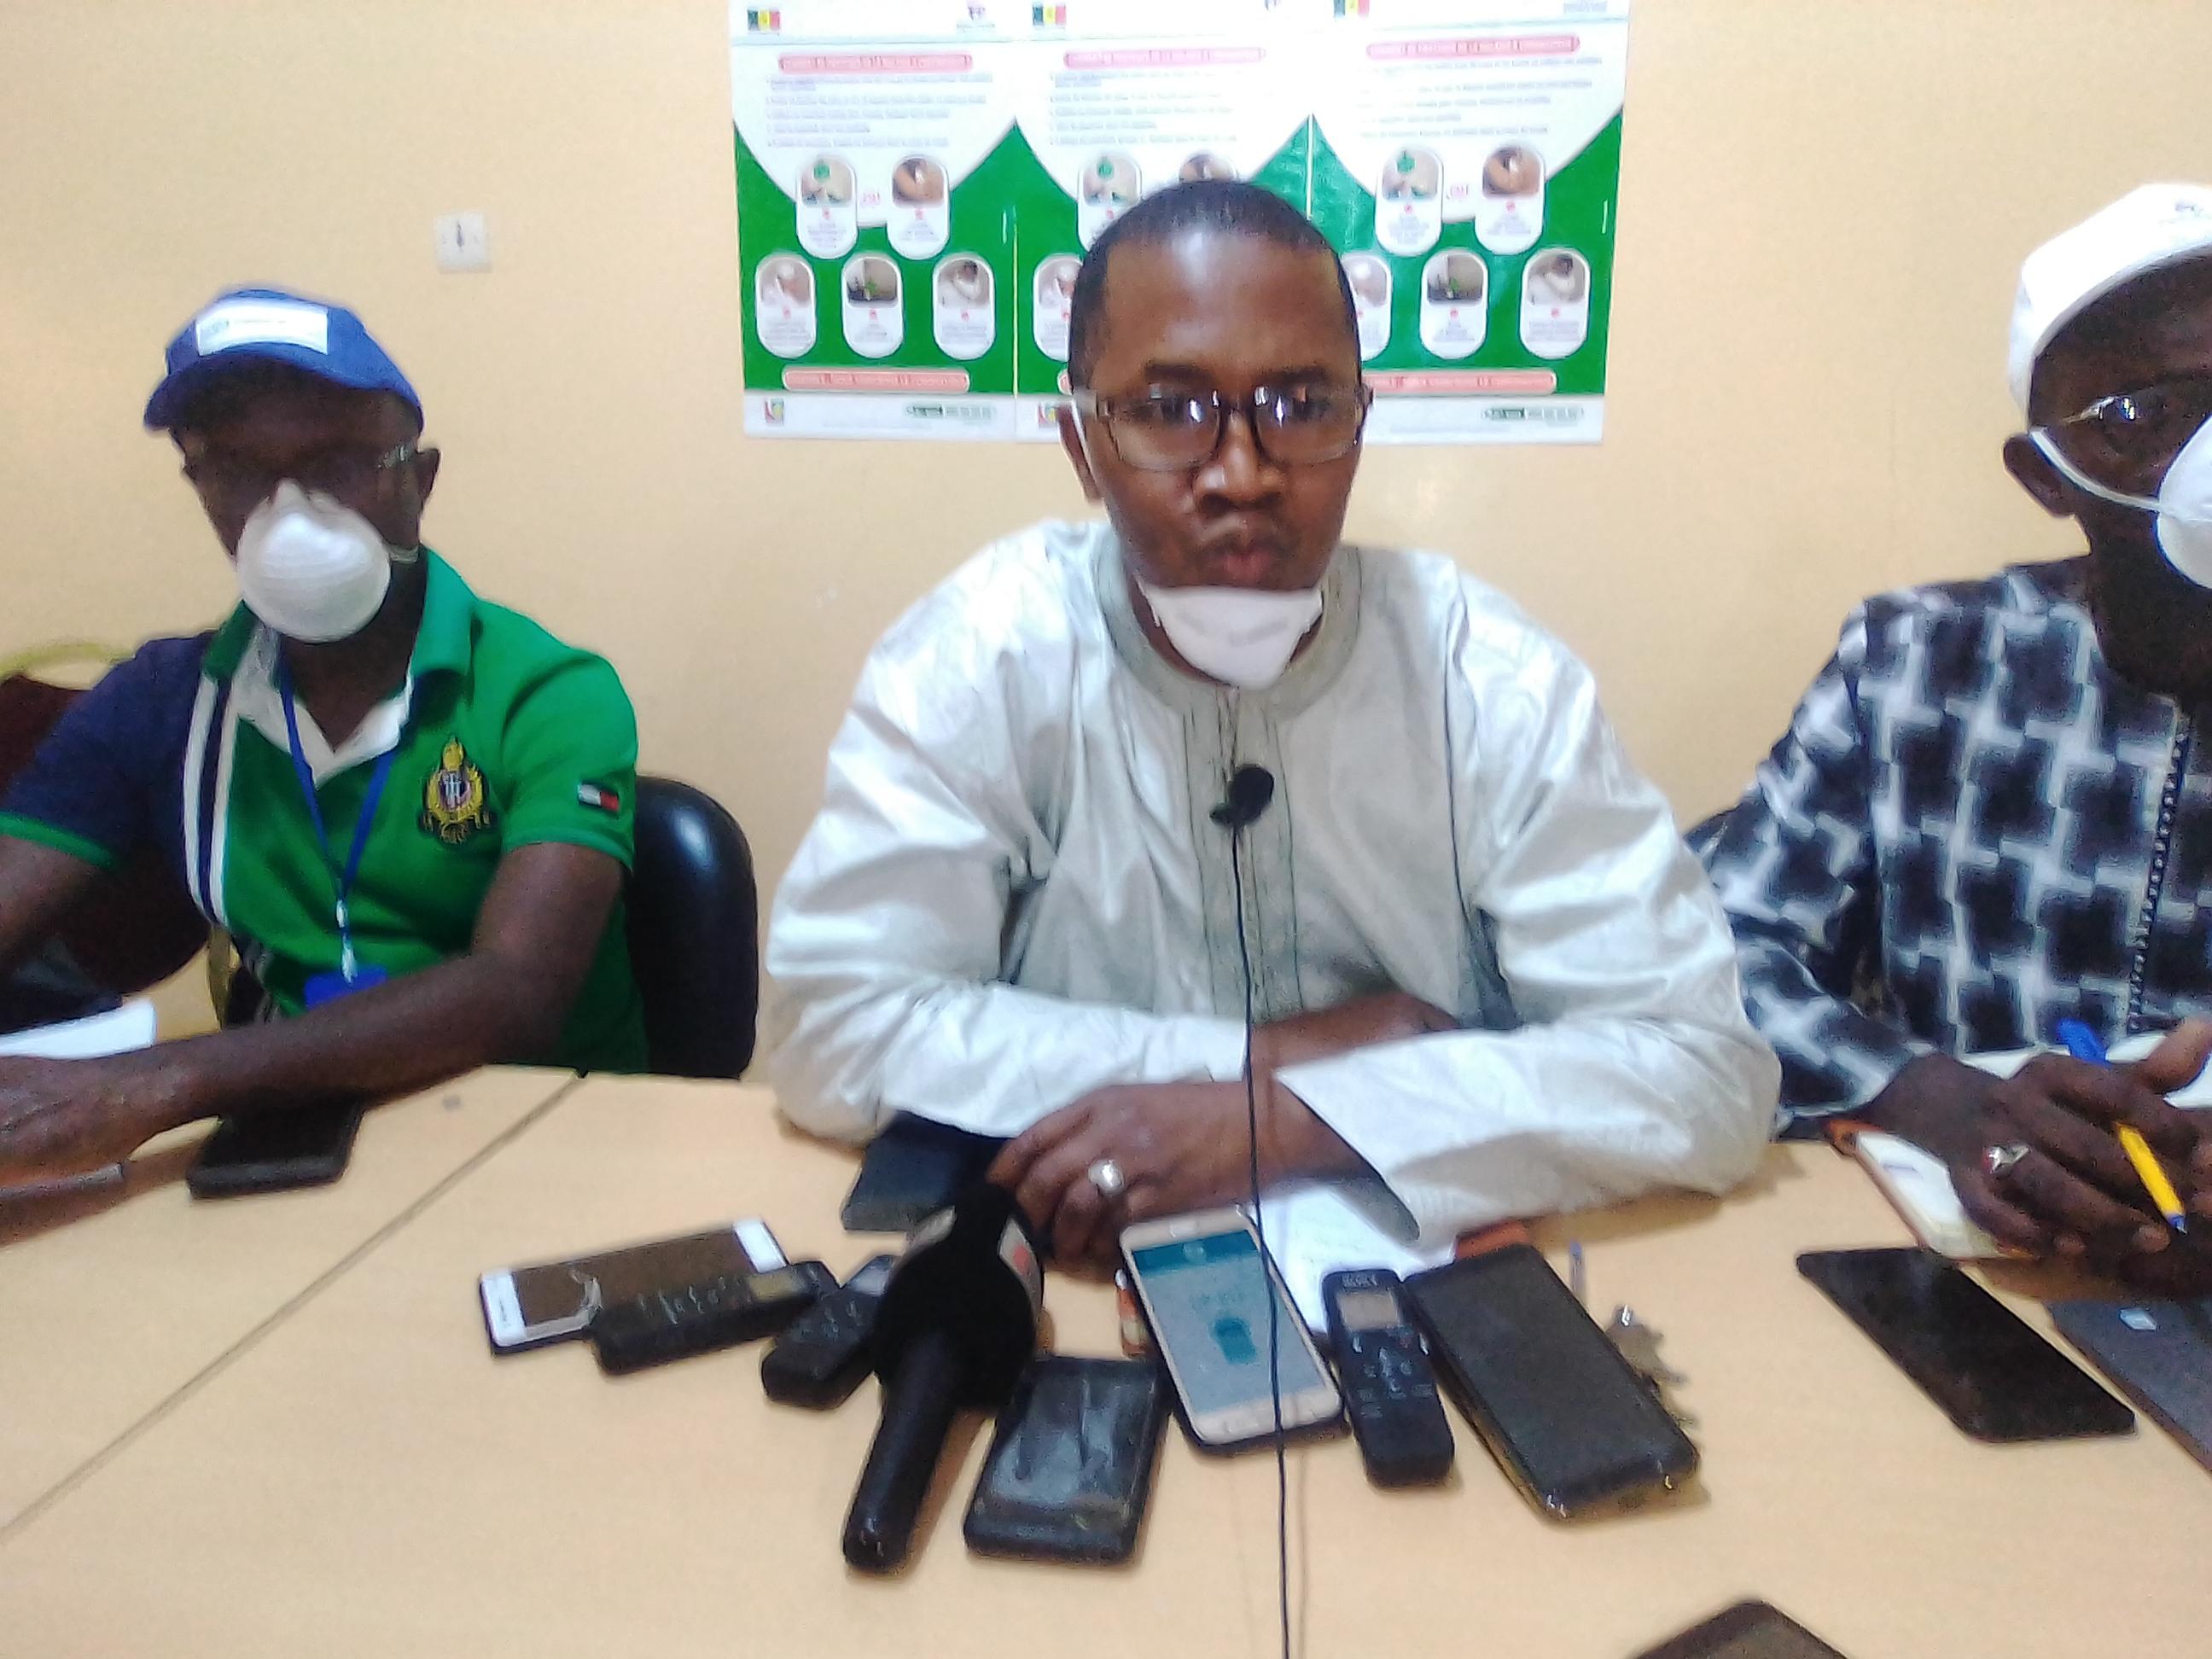 KOLDA / Yaya Baldé, médecin-chef de région : « Les femmes enceintes et les femmes-mères ont peur d'être contaminées en fréquentant les hôpitaux pour vacciner leurs enfants… Cela nous inquiète beaucoup… »